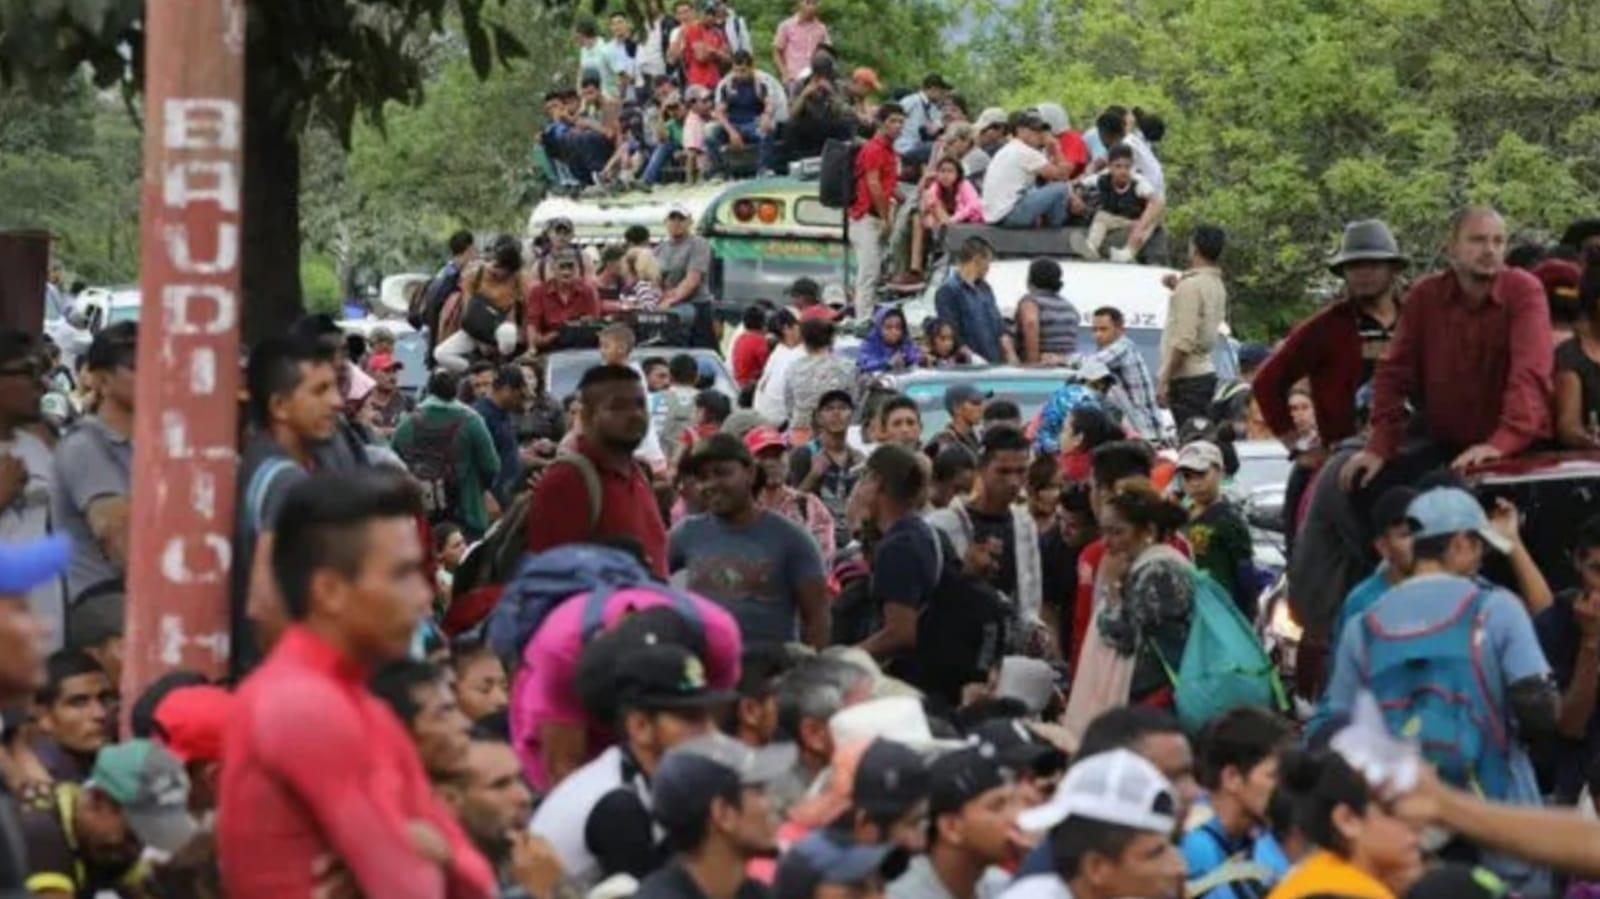 Bartolo Fuentes caravanas persecución